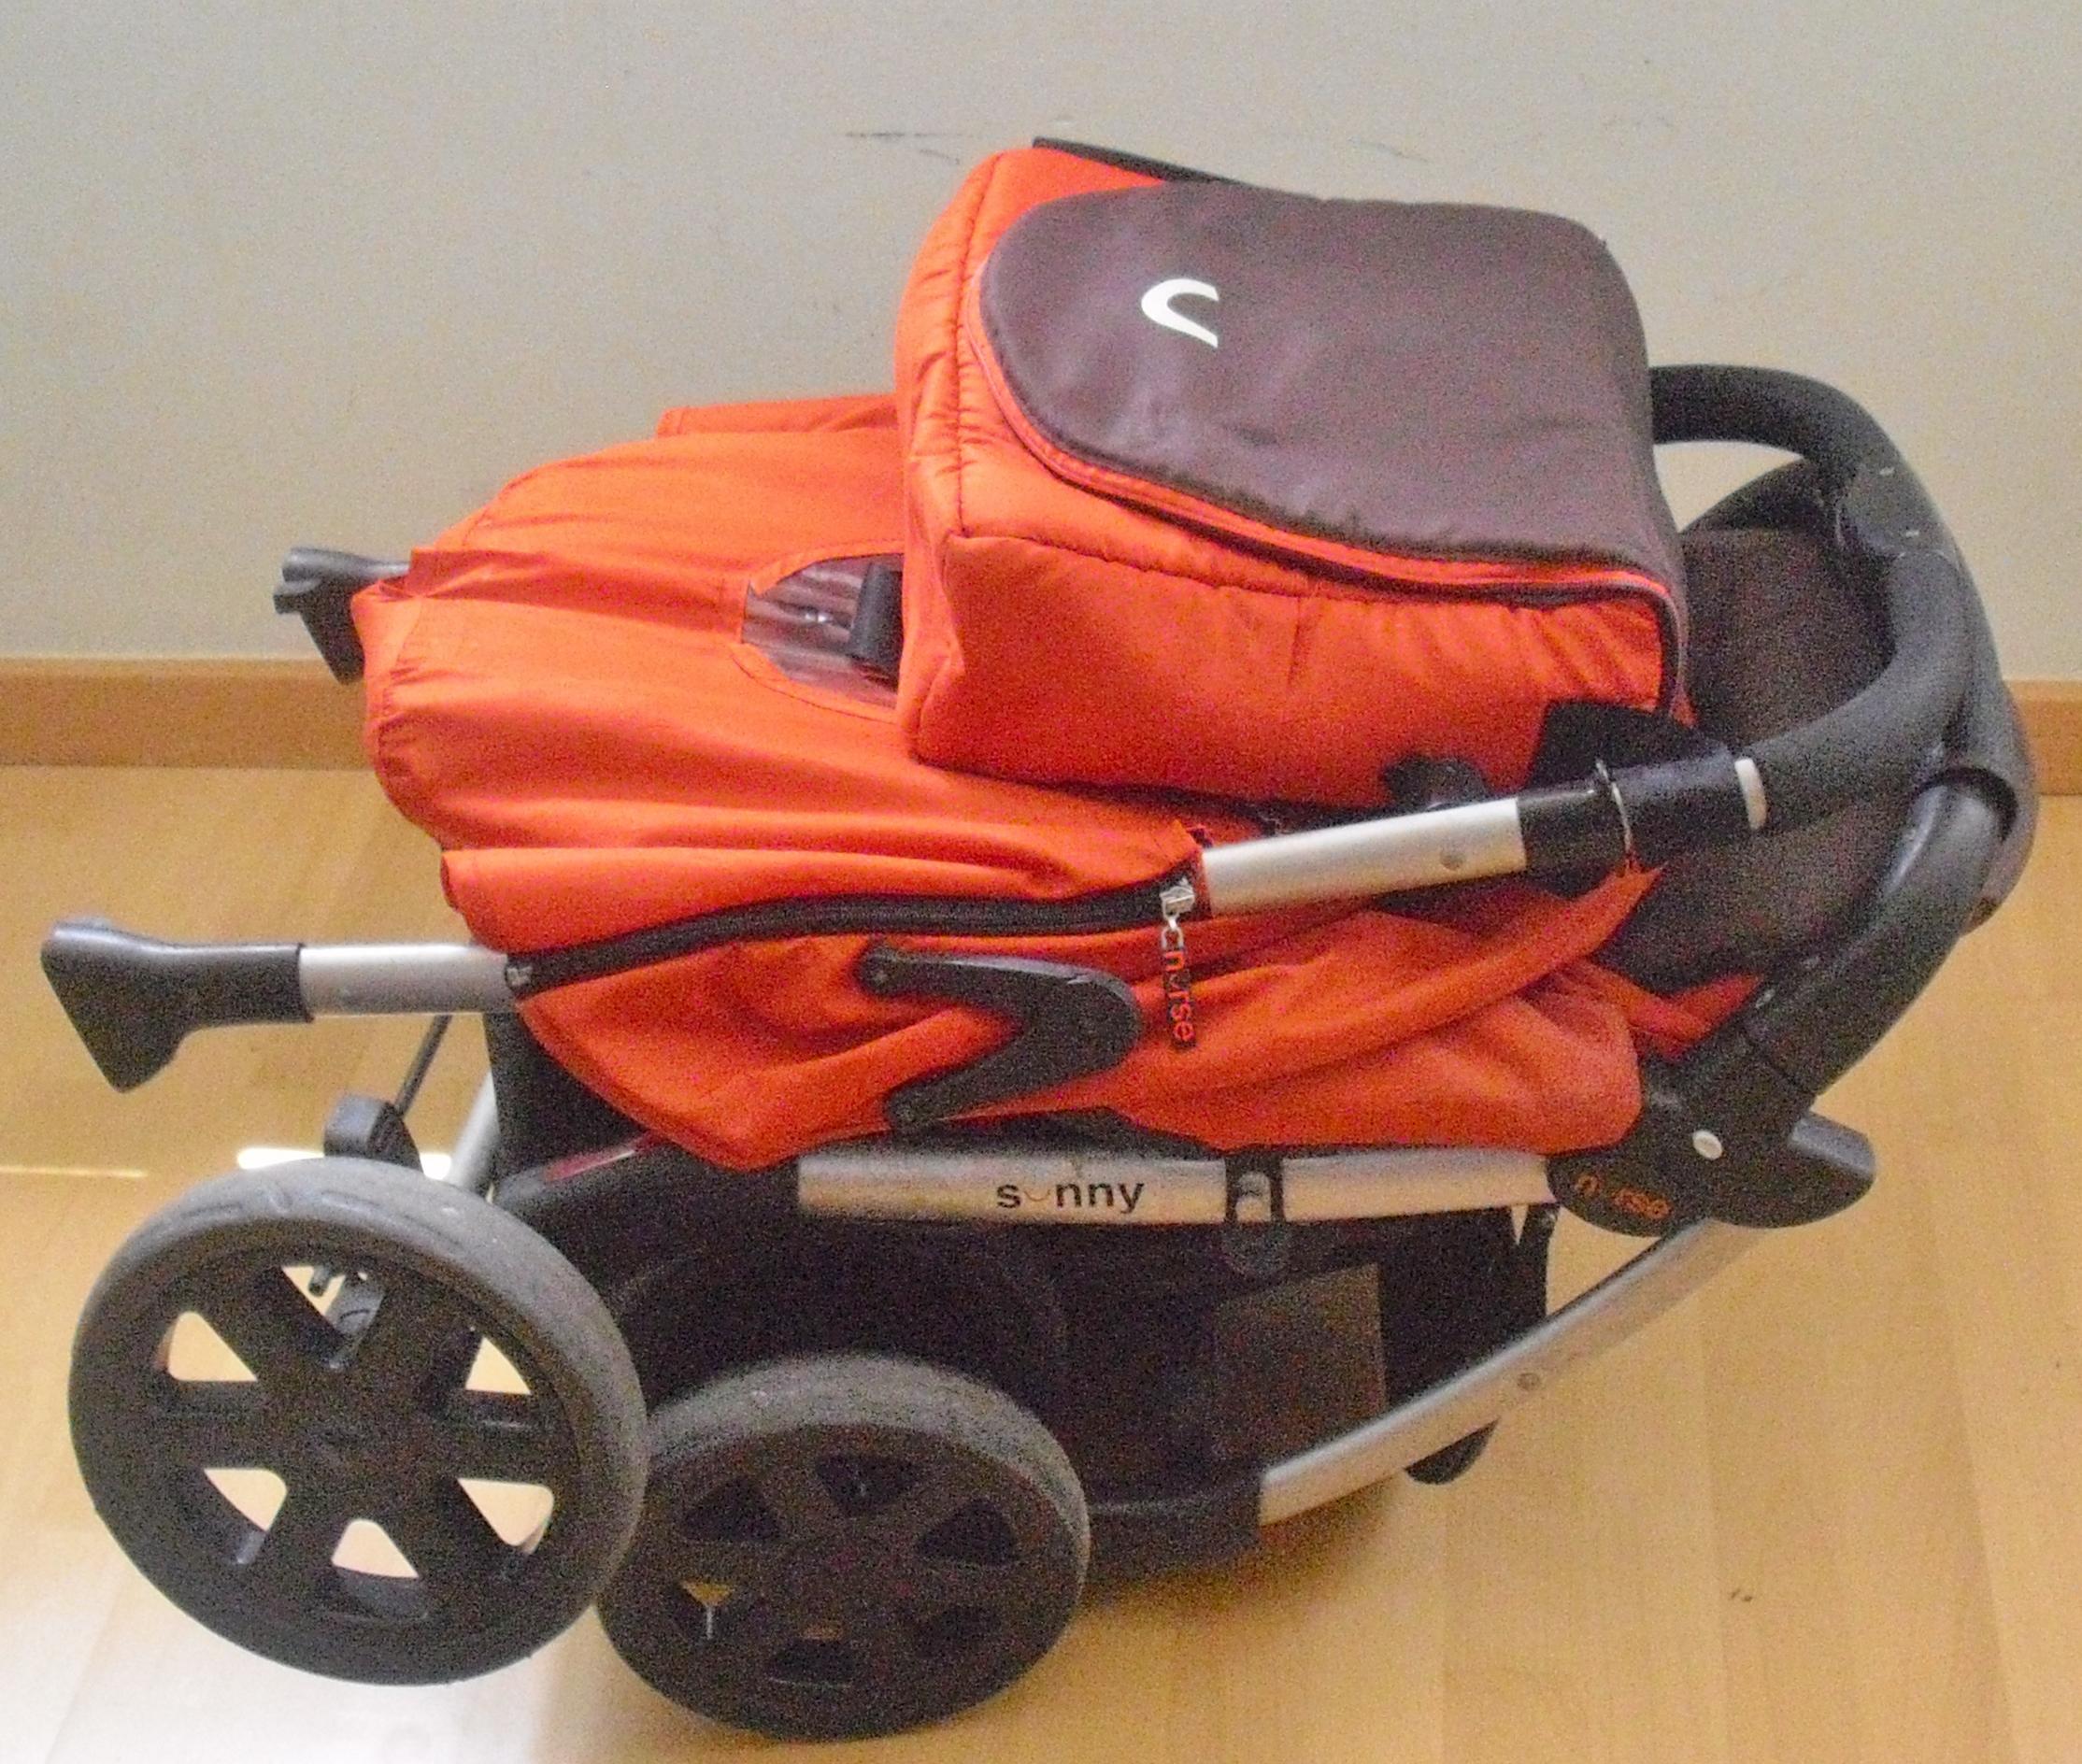 Cochecitos y sillas de paseo mybabystock blog - Silla nurse sunny ...